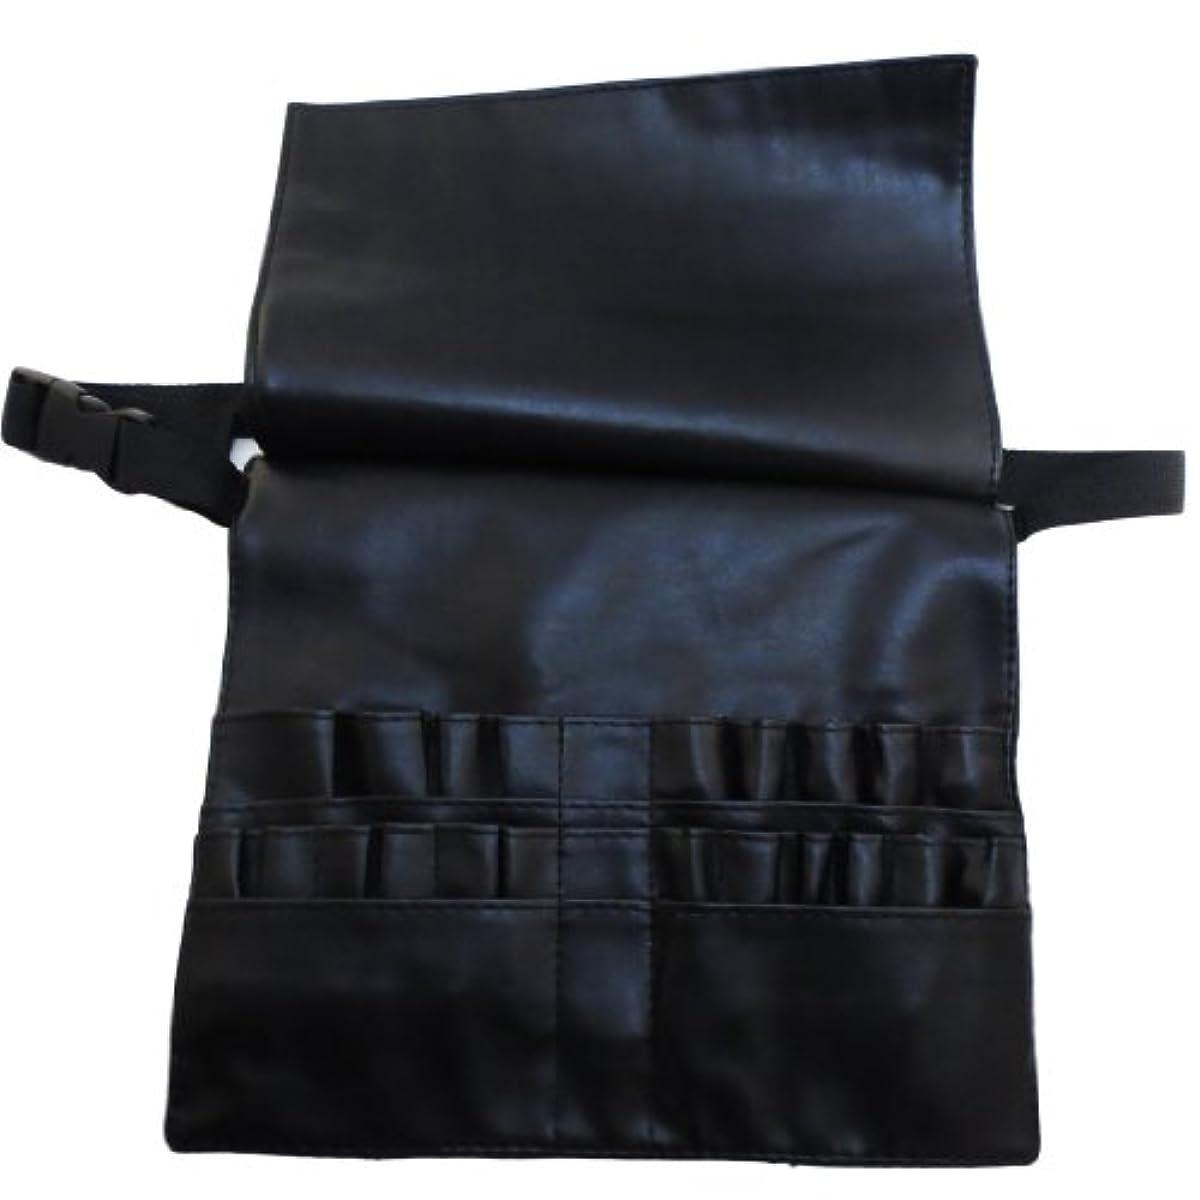 拮抗薄いです乳[モノジー] MONOZY メイクブラシ ケース 蓋付き プロ用 腰巻き メイク バッグ カラビナ セット